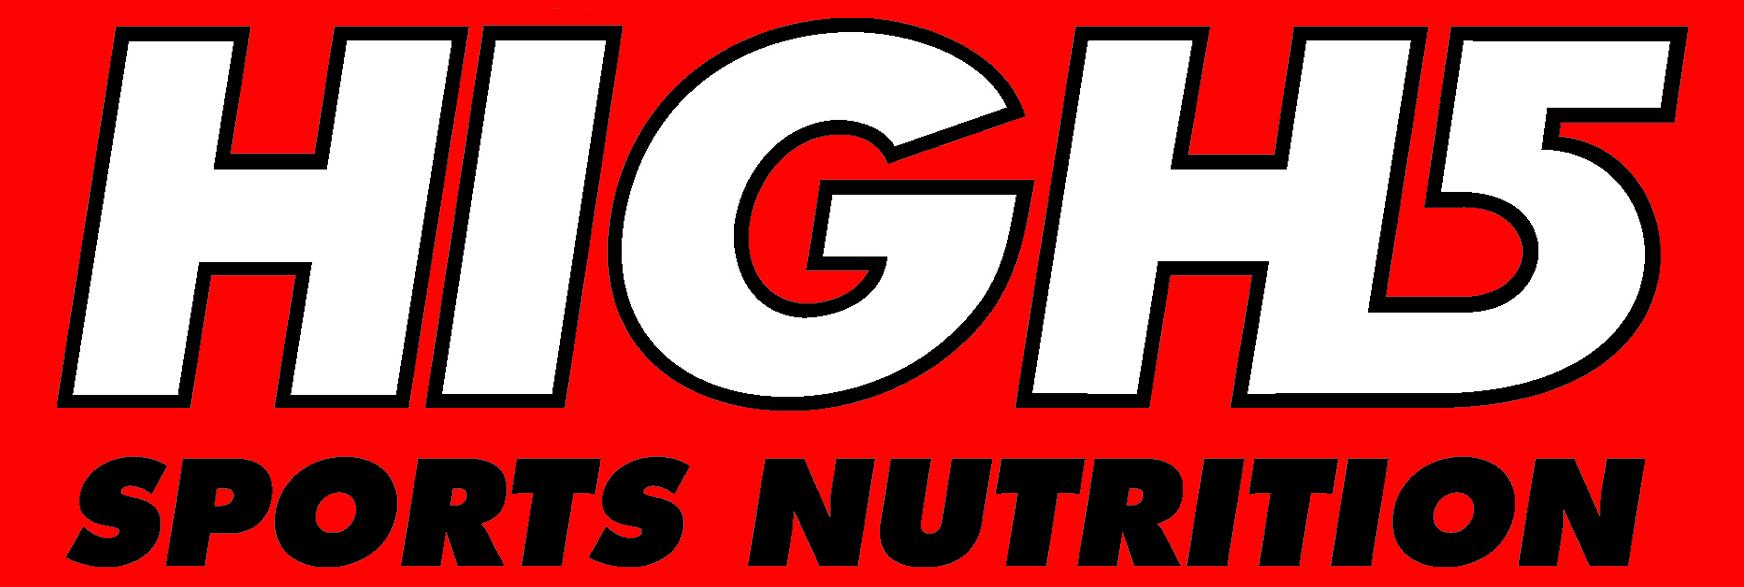 High5-Logo.jpg